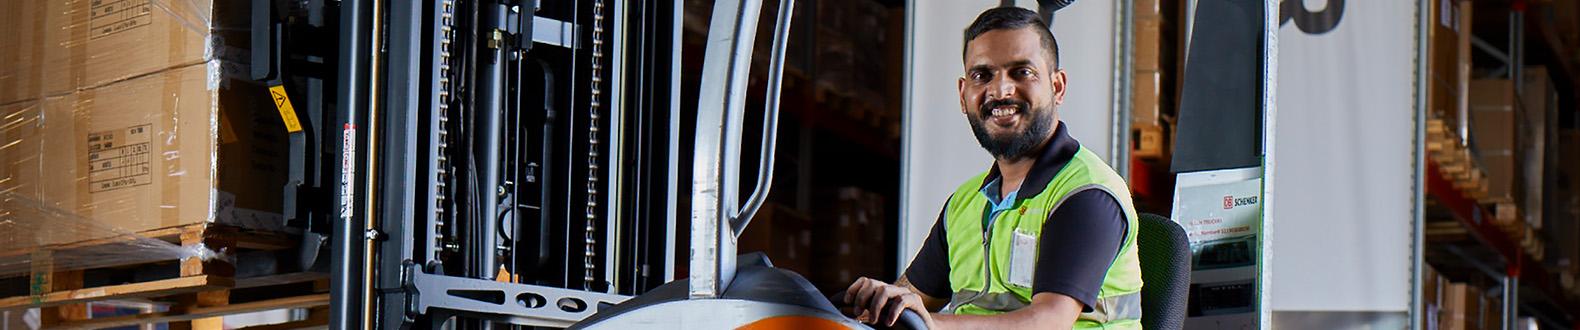 DB-Schenker_M68_Professional-Blue-Collar-Male_Forklift-data